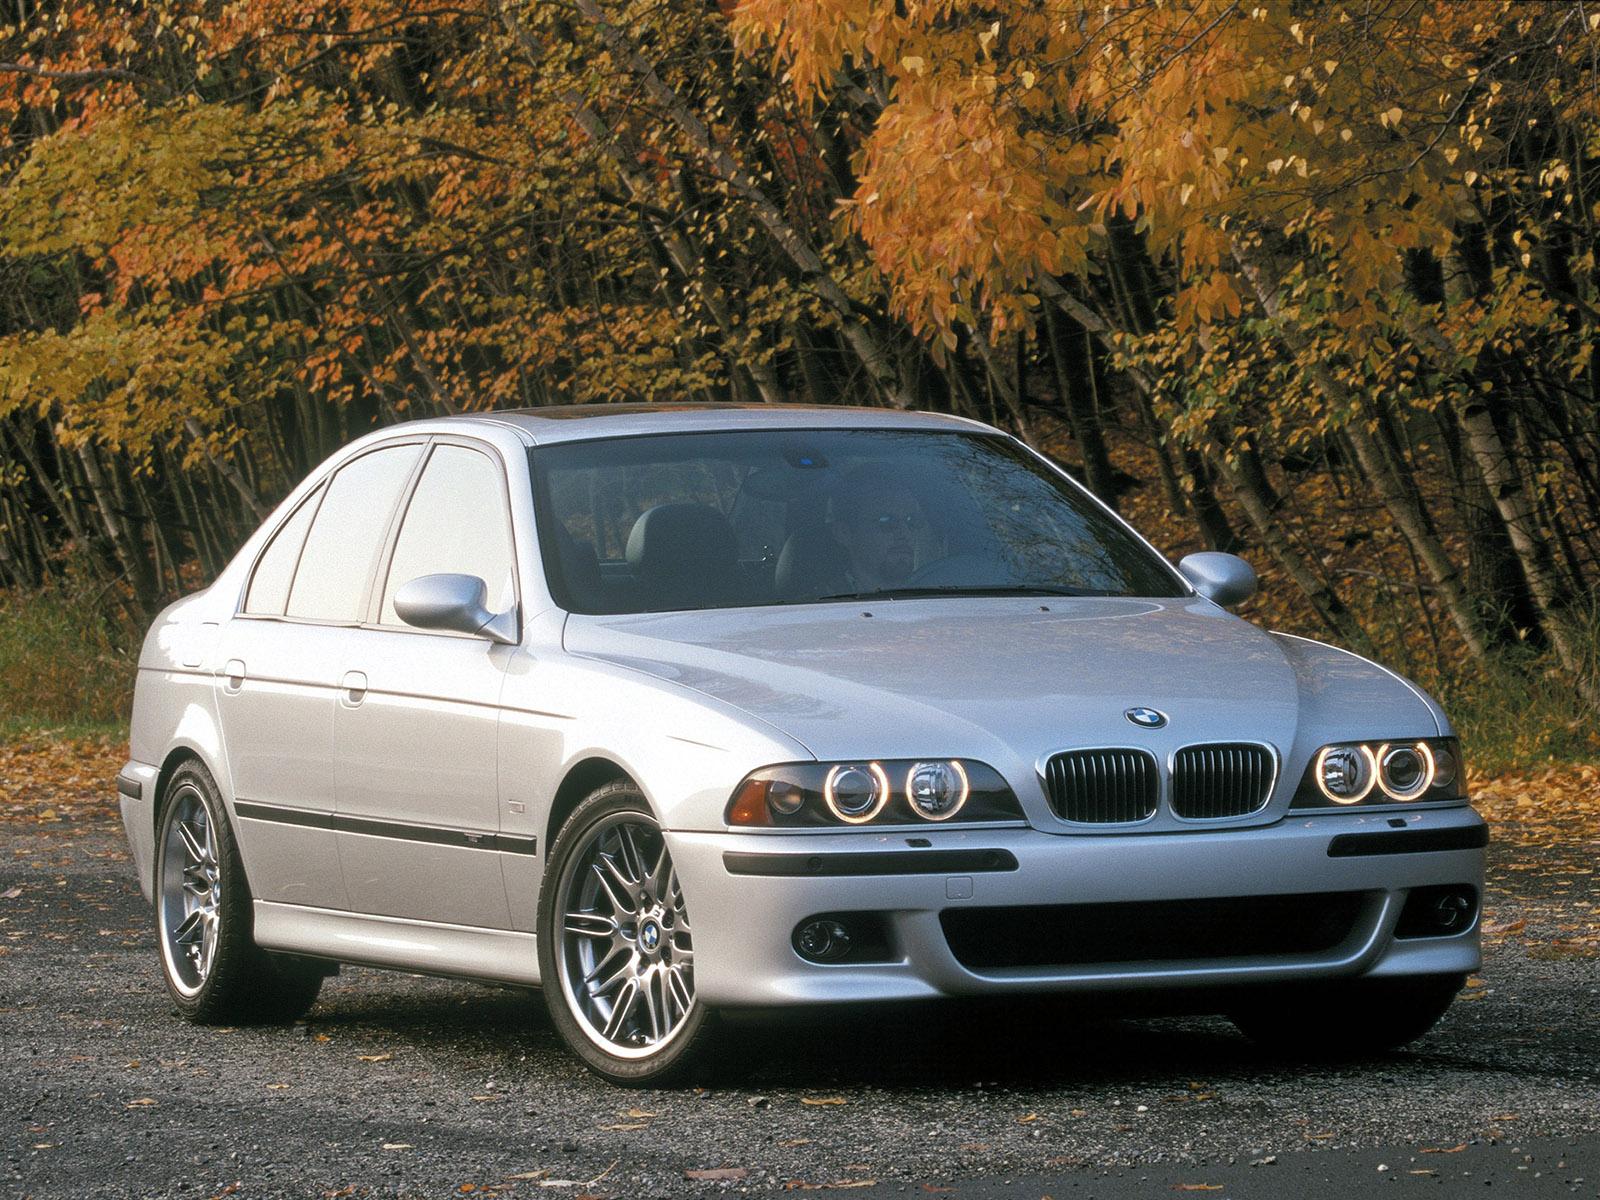 bmw m5 sedan usa e39 19982004 bmw m5 sedan usa e39 1998